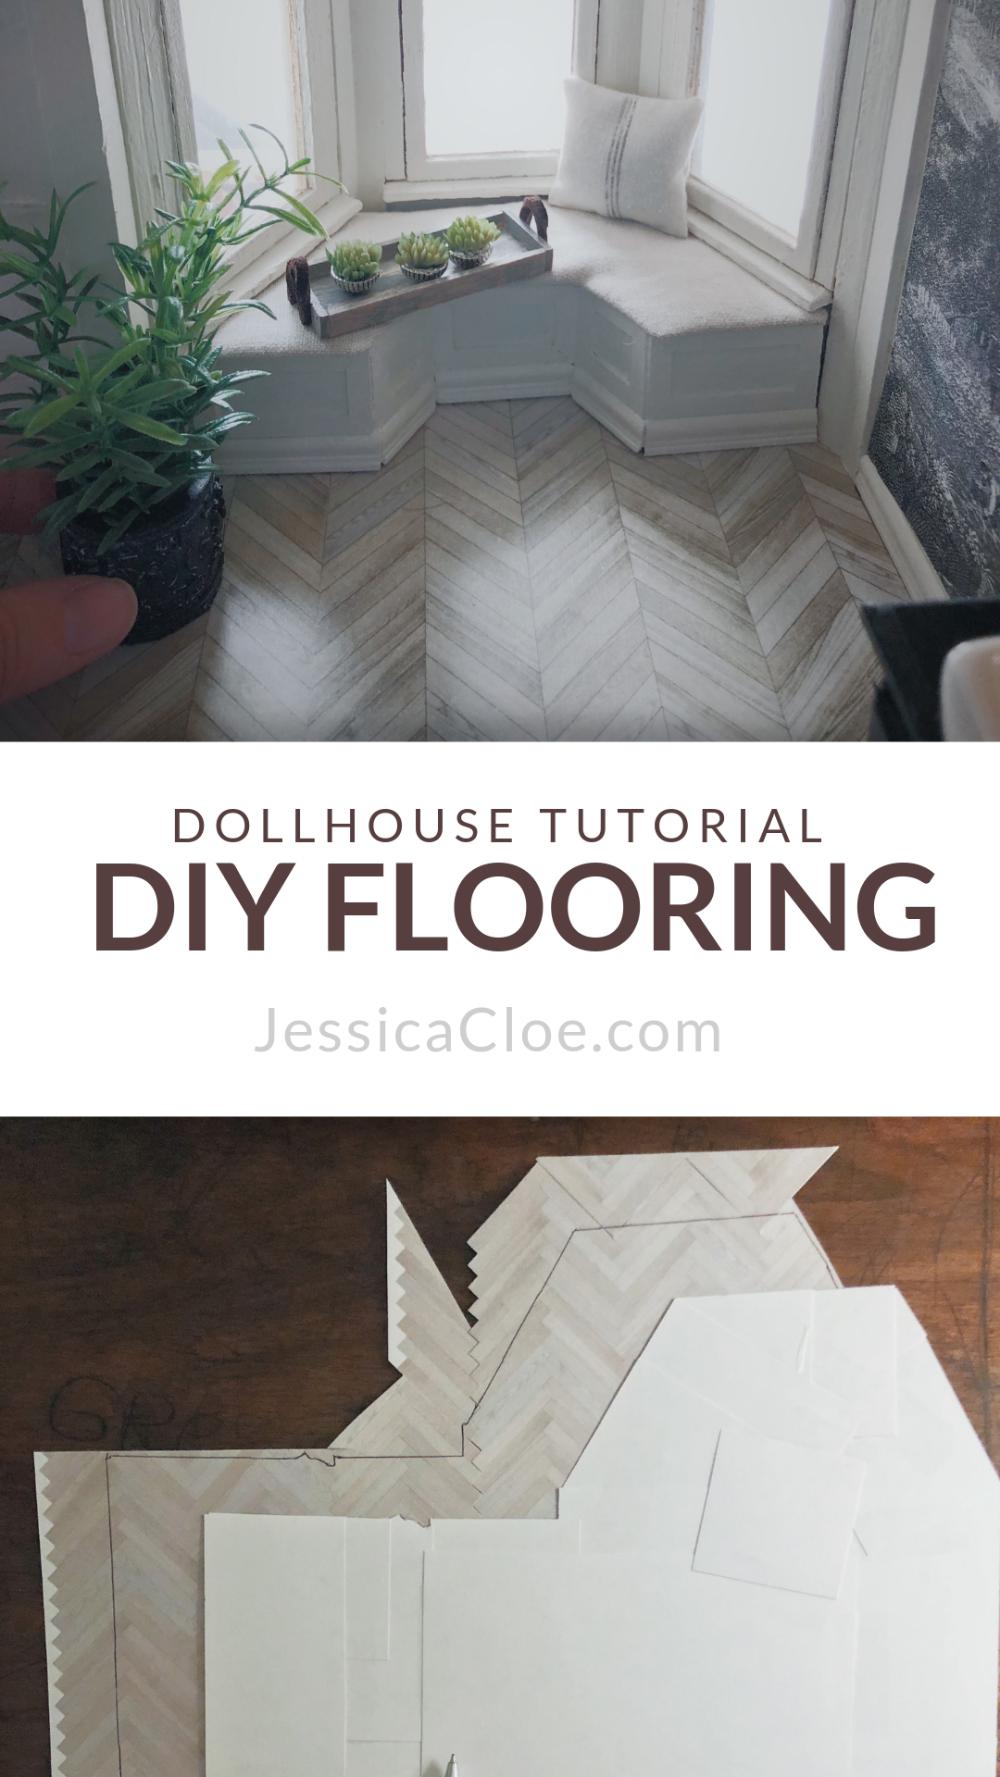 Sizing Your Dollhouse Floor — Jessica Cloe Miniatures